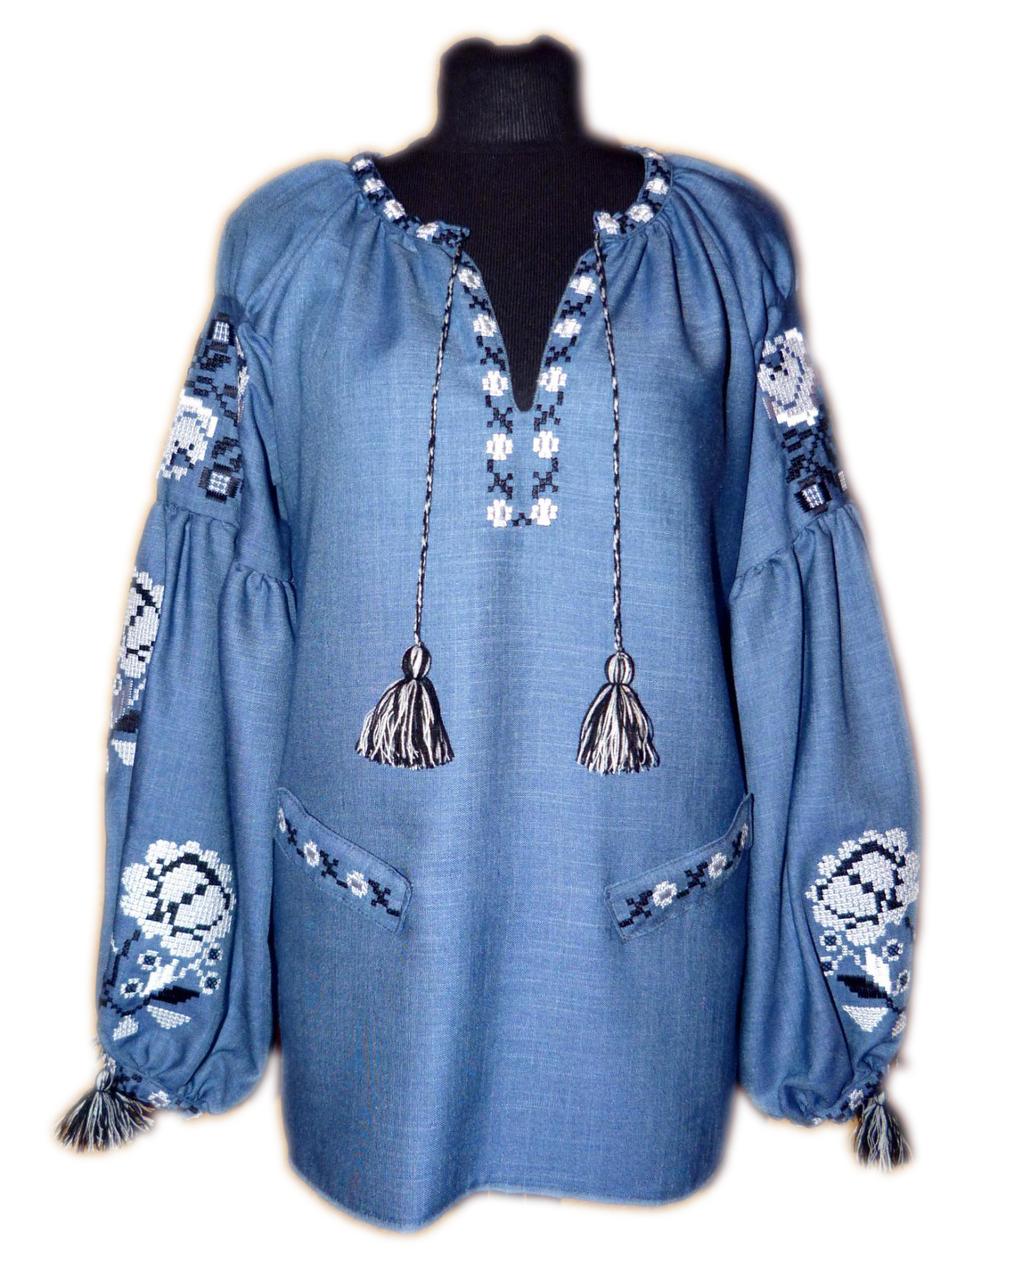 """Жіноча вишита сорочка (блузка) """"Кармель"""" (Женская вышитая рубашка (блузка) """"Кармель"""") BK-0034"""